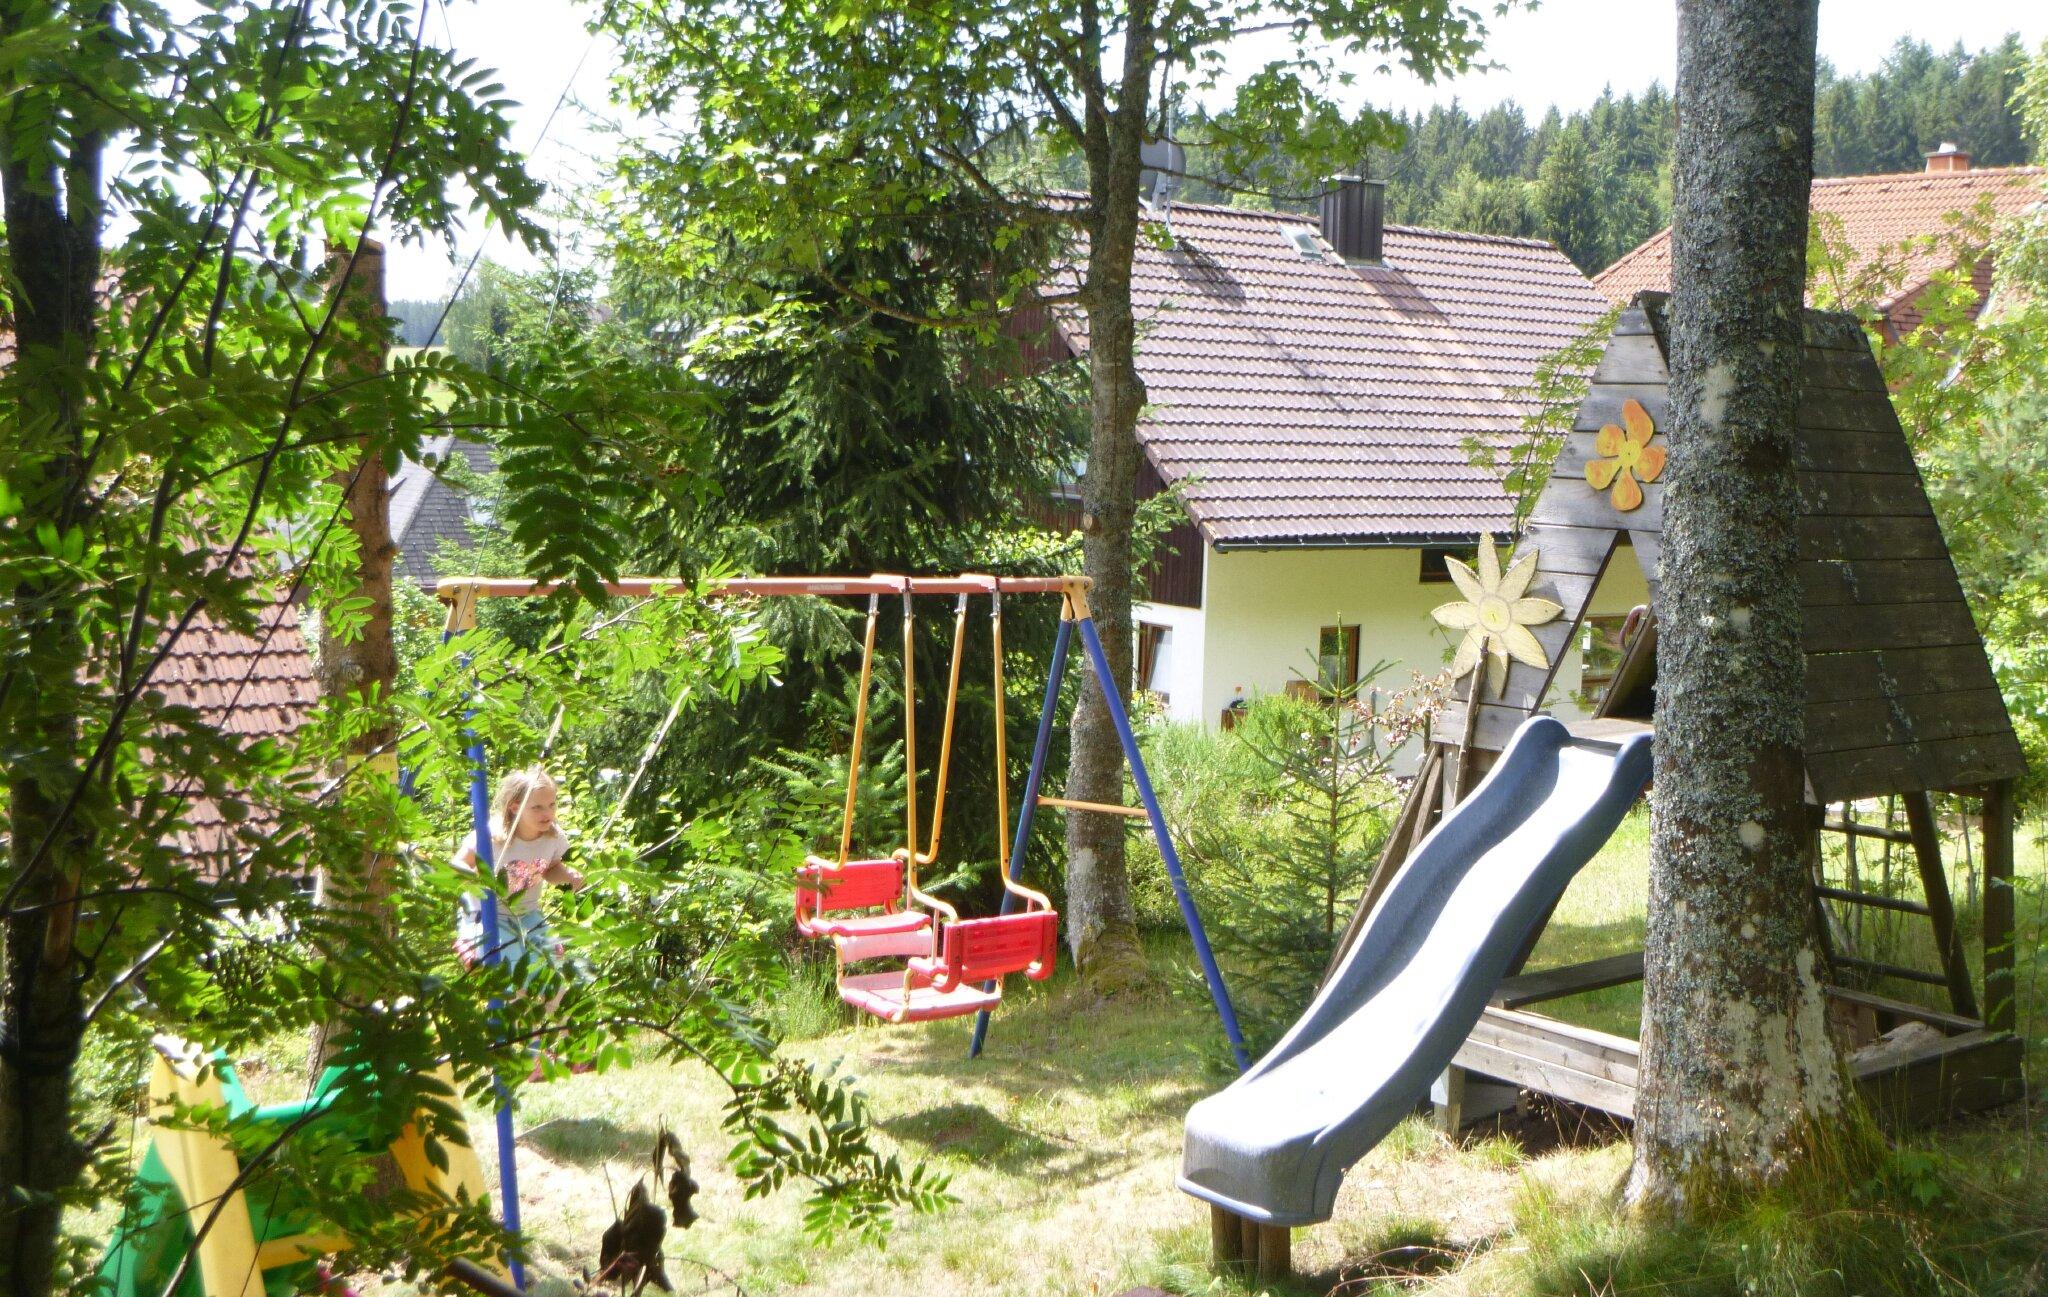 Zusatzbild Nr. 07 von Haus Schwarz - Die kleine Ferienwohnung